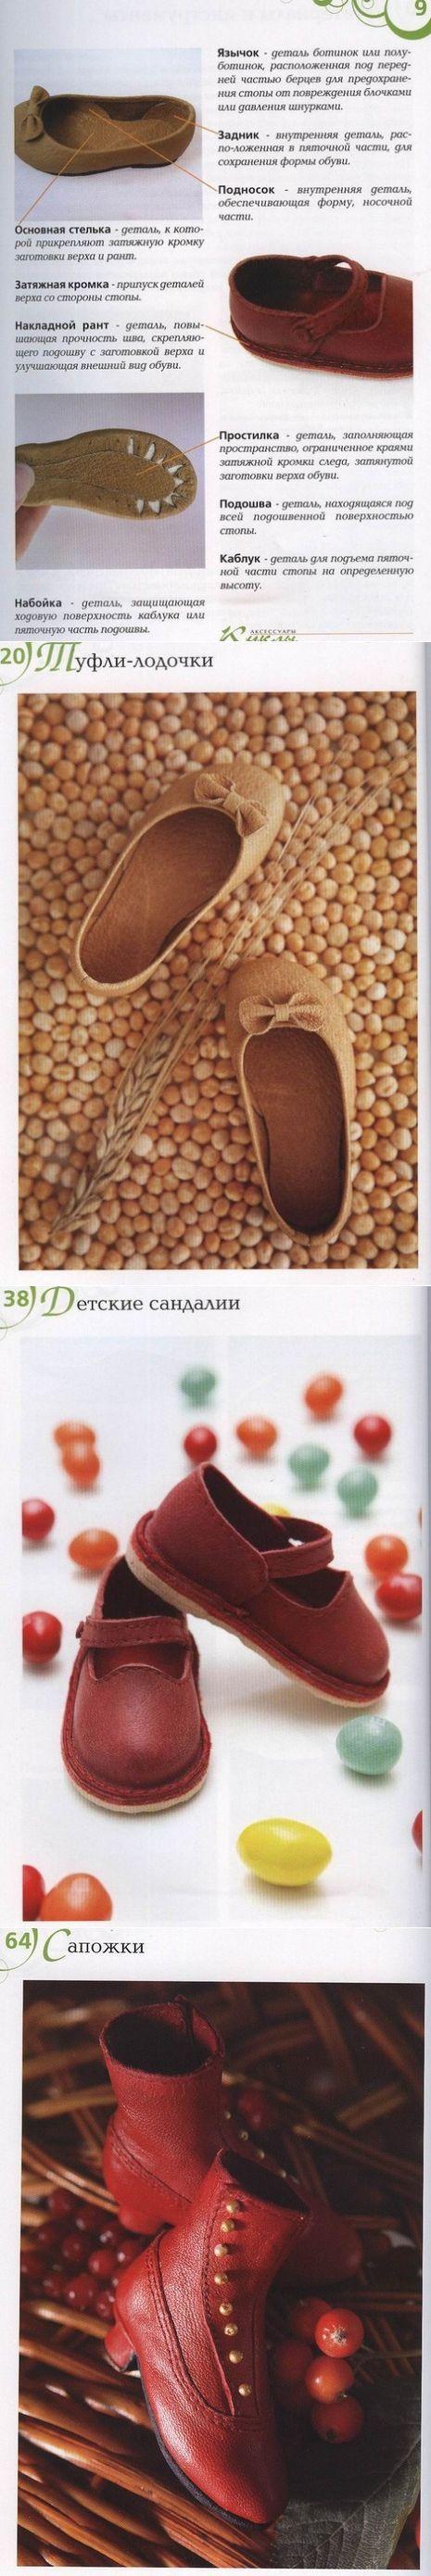 книга Генсицкой о том как делать обувь